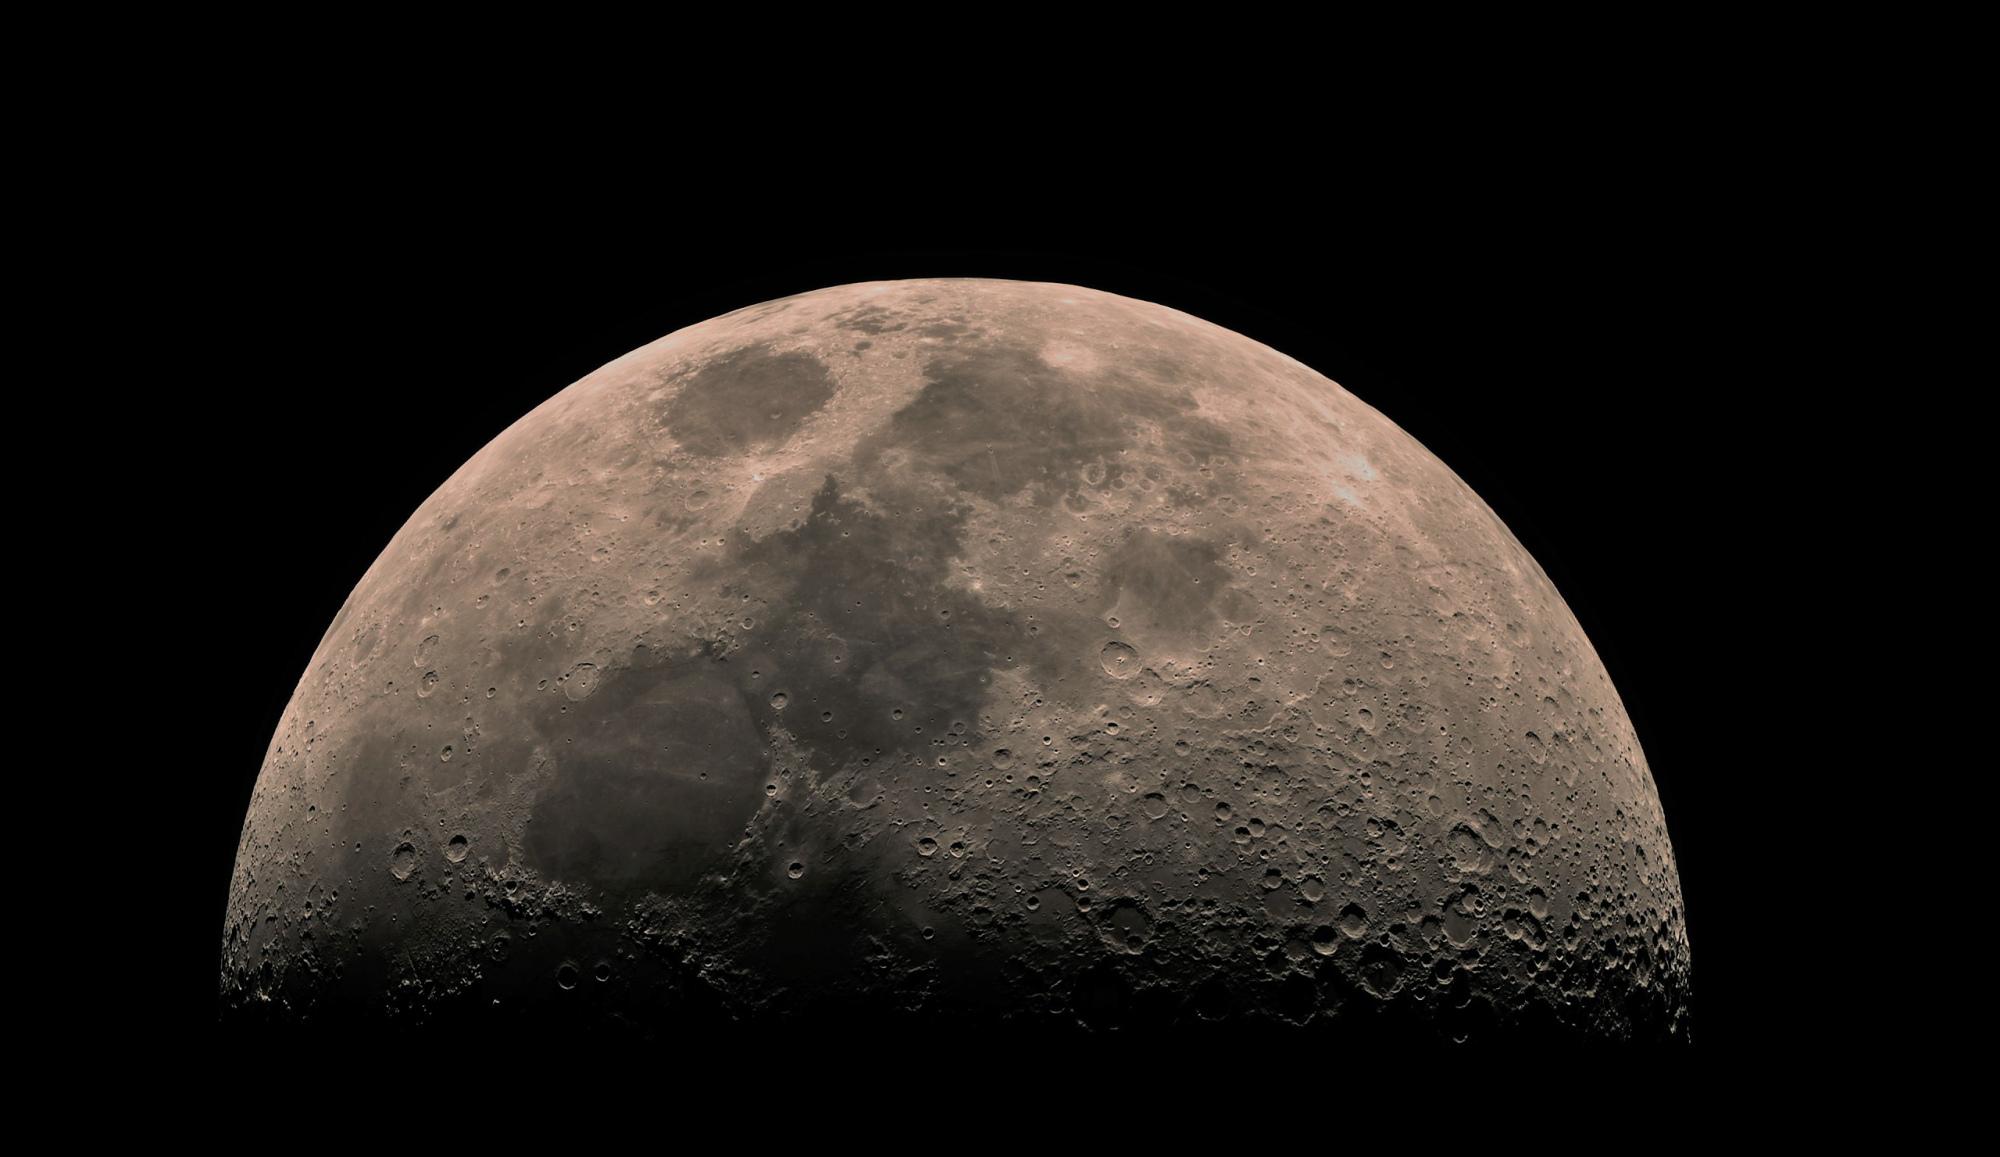 60319b98a693d_Moon_190141_g4_ap5372(2).thumb.jpg.40db834f6b1c6e817a5b52e359f3c6b2.jpg